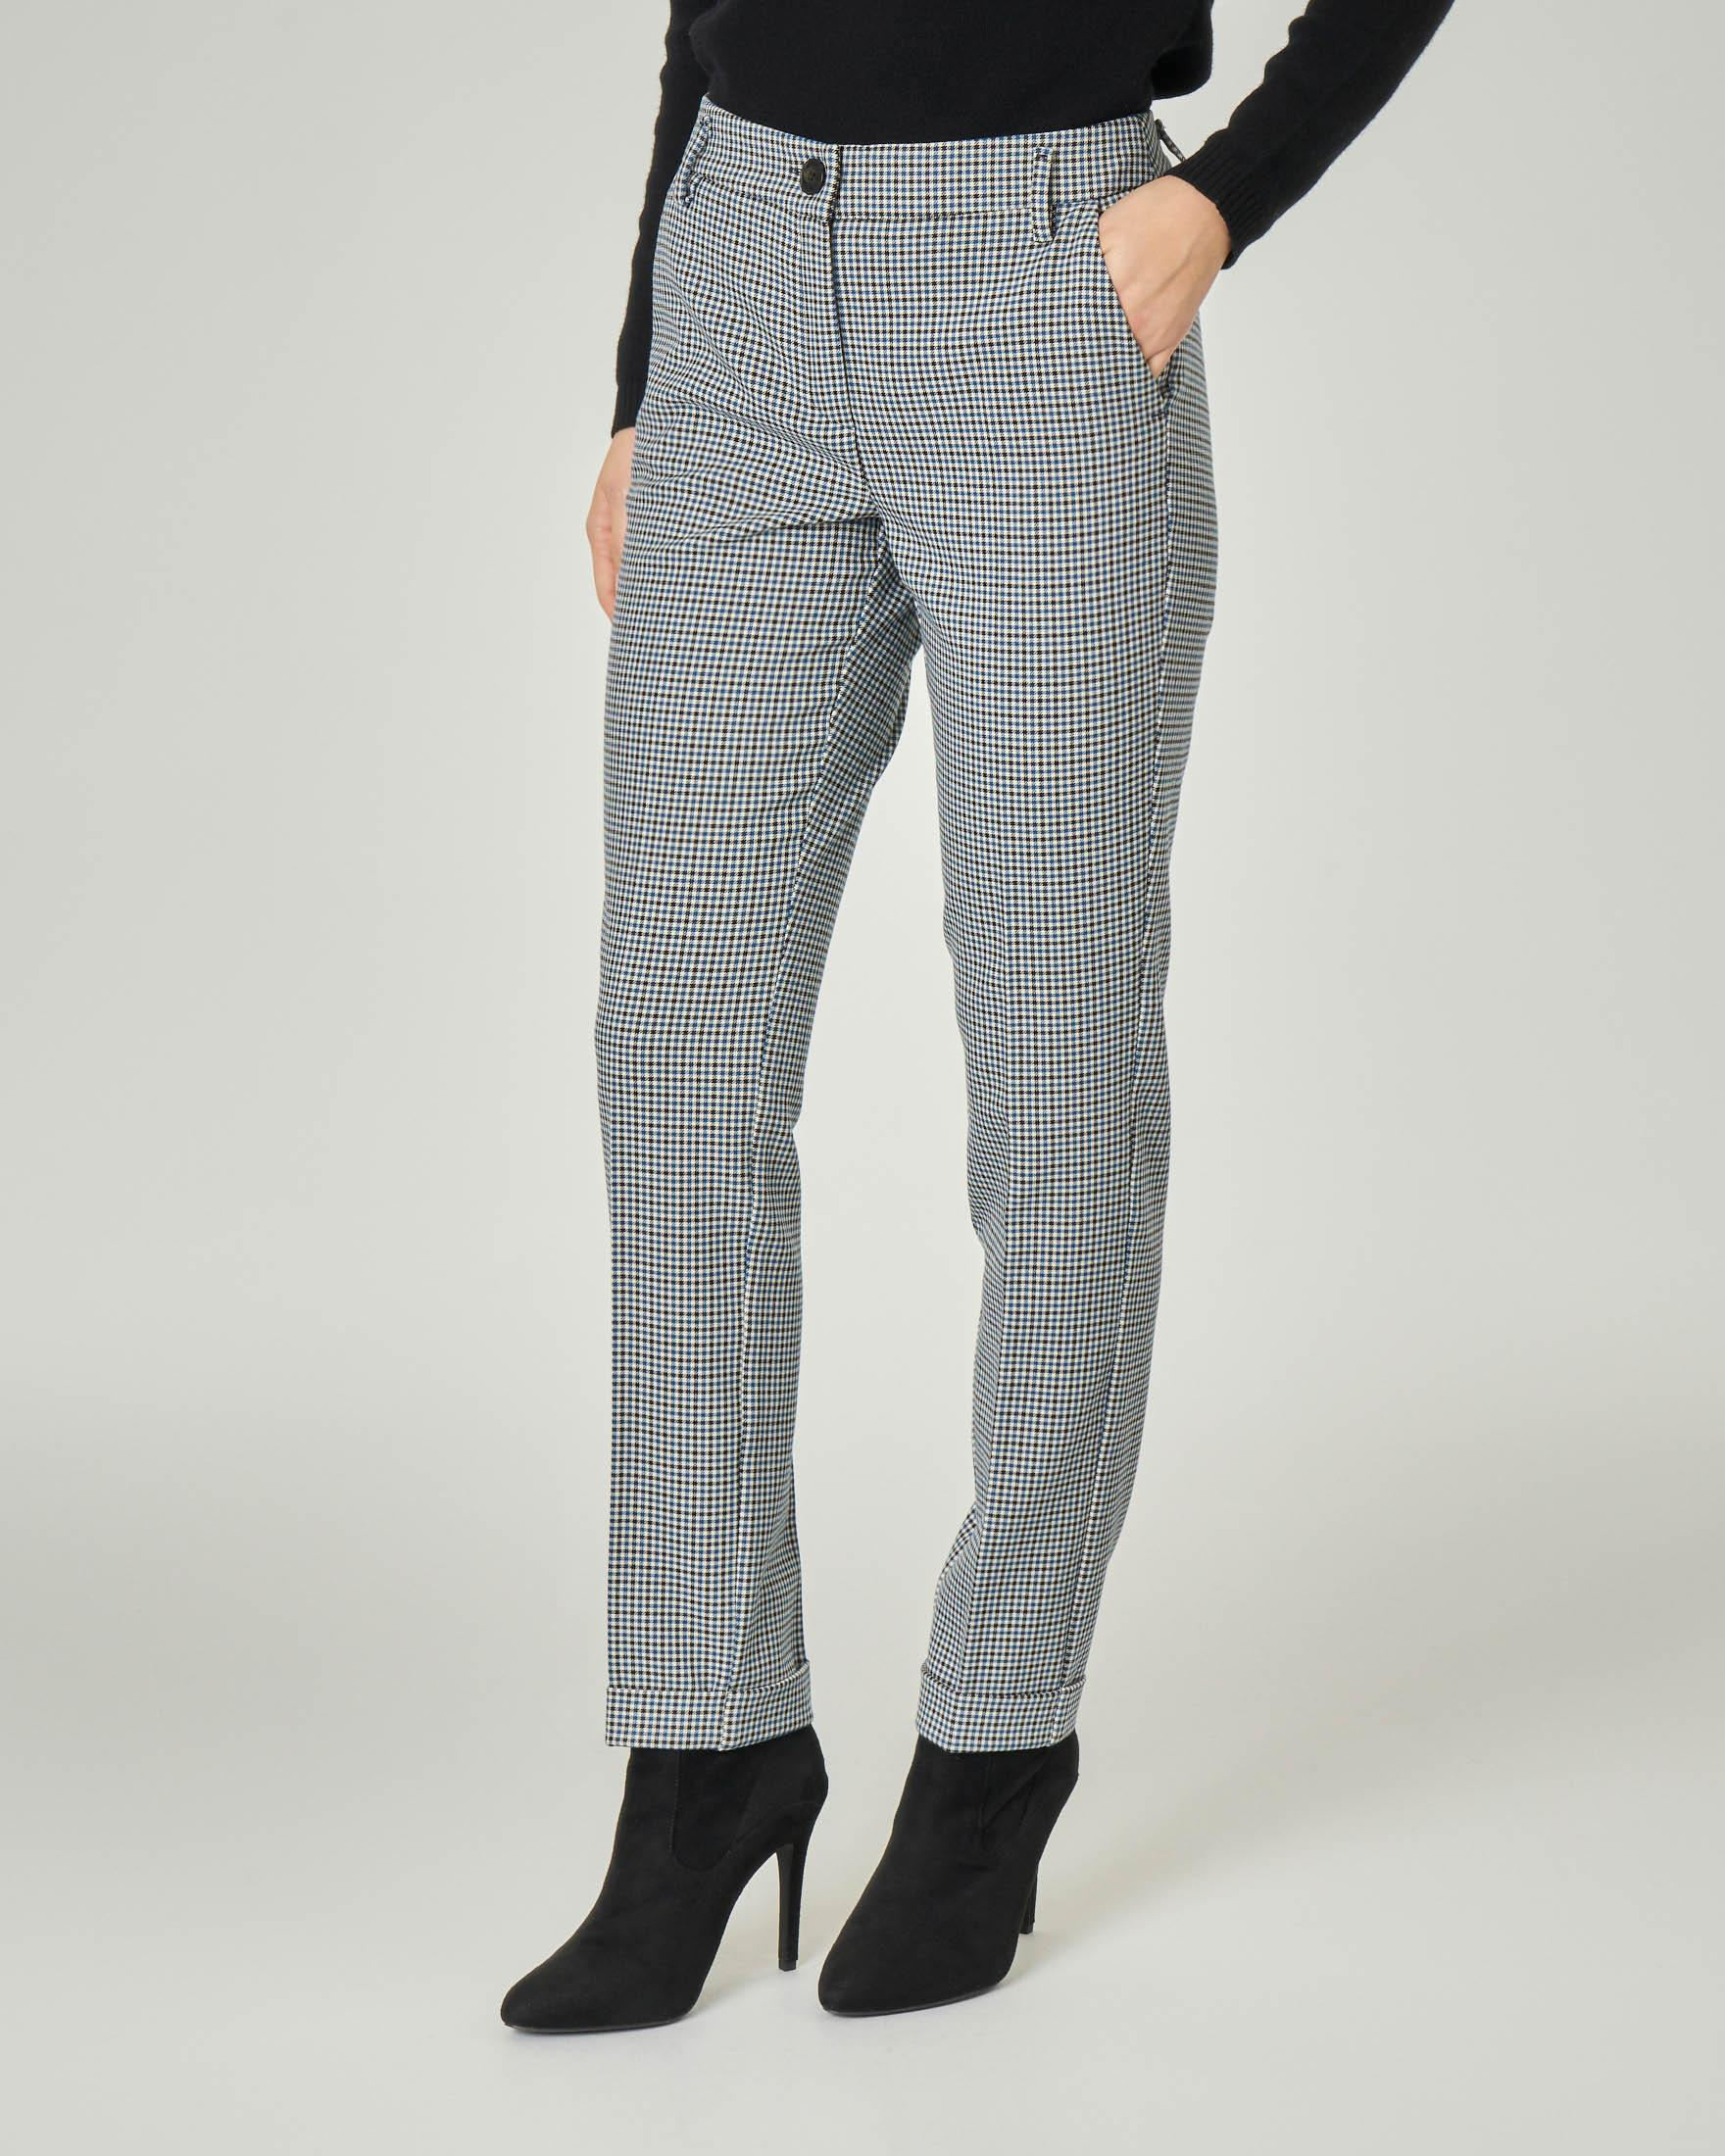 Pantaloni in tessuto misto viscosa a fantasia pied de poule nera e bianca con riga ottanio